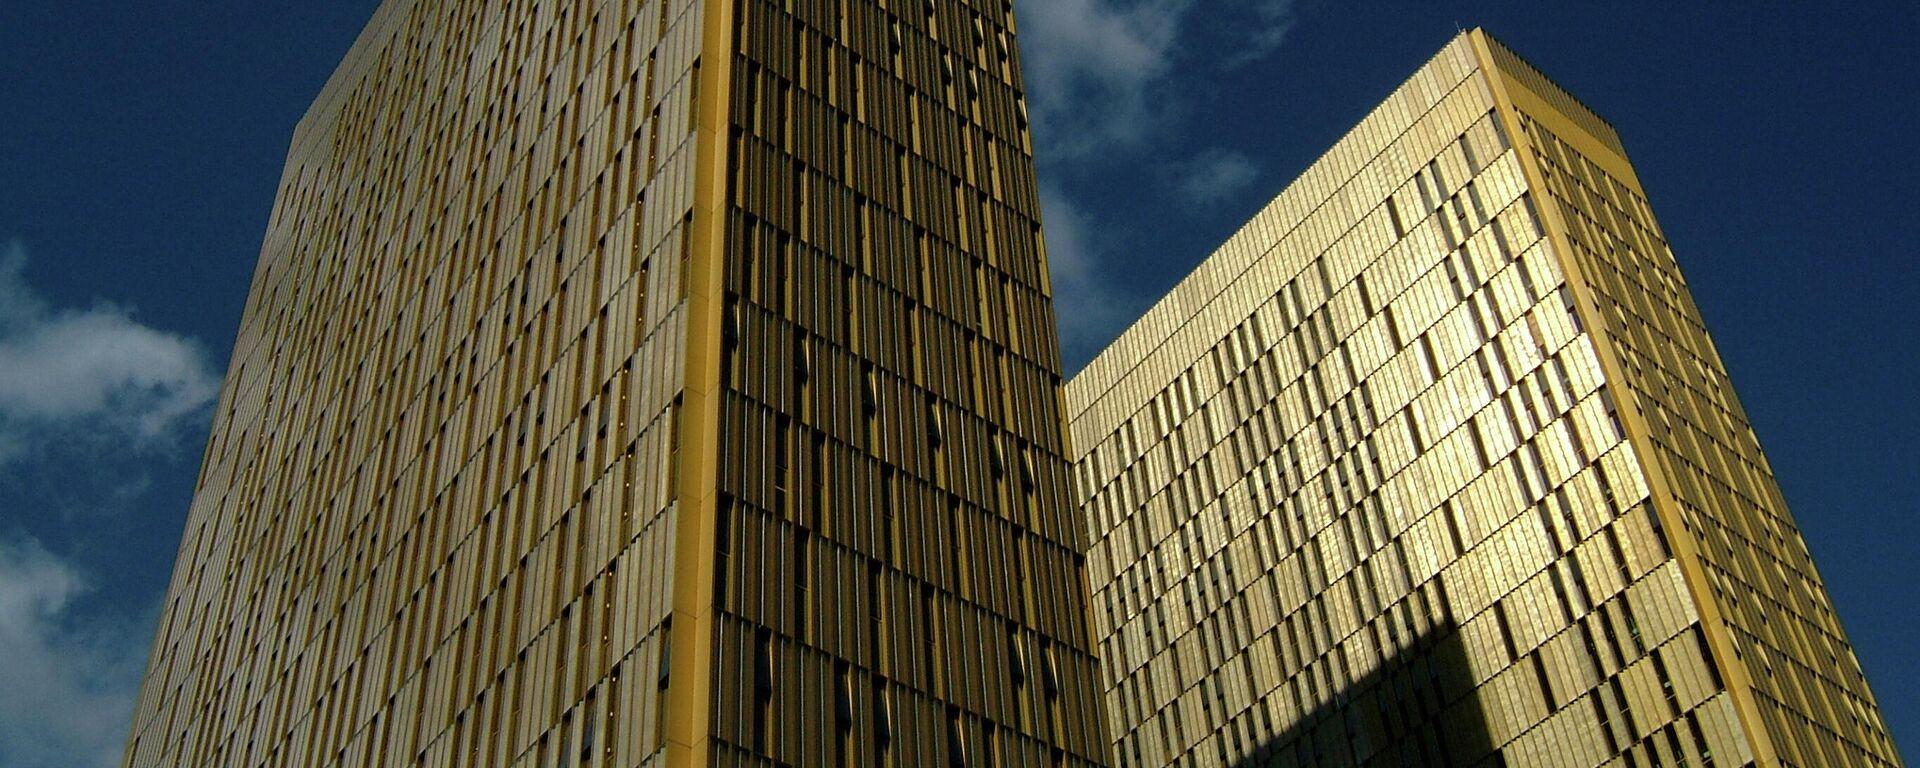 Palast des Gerichtshofs der Europäischen Union in Luxemburg (Symbolbild) - SNA, 1920, 06.10.2021